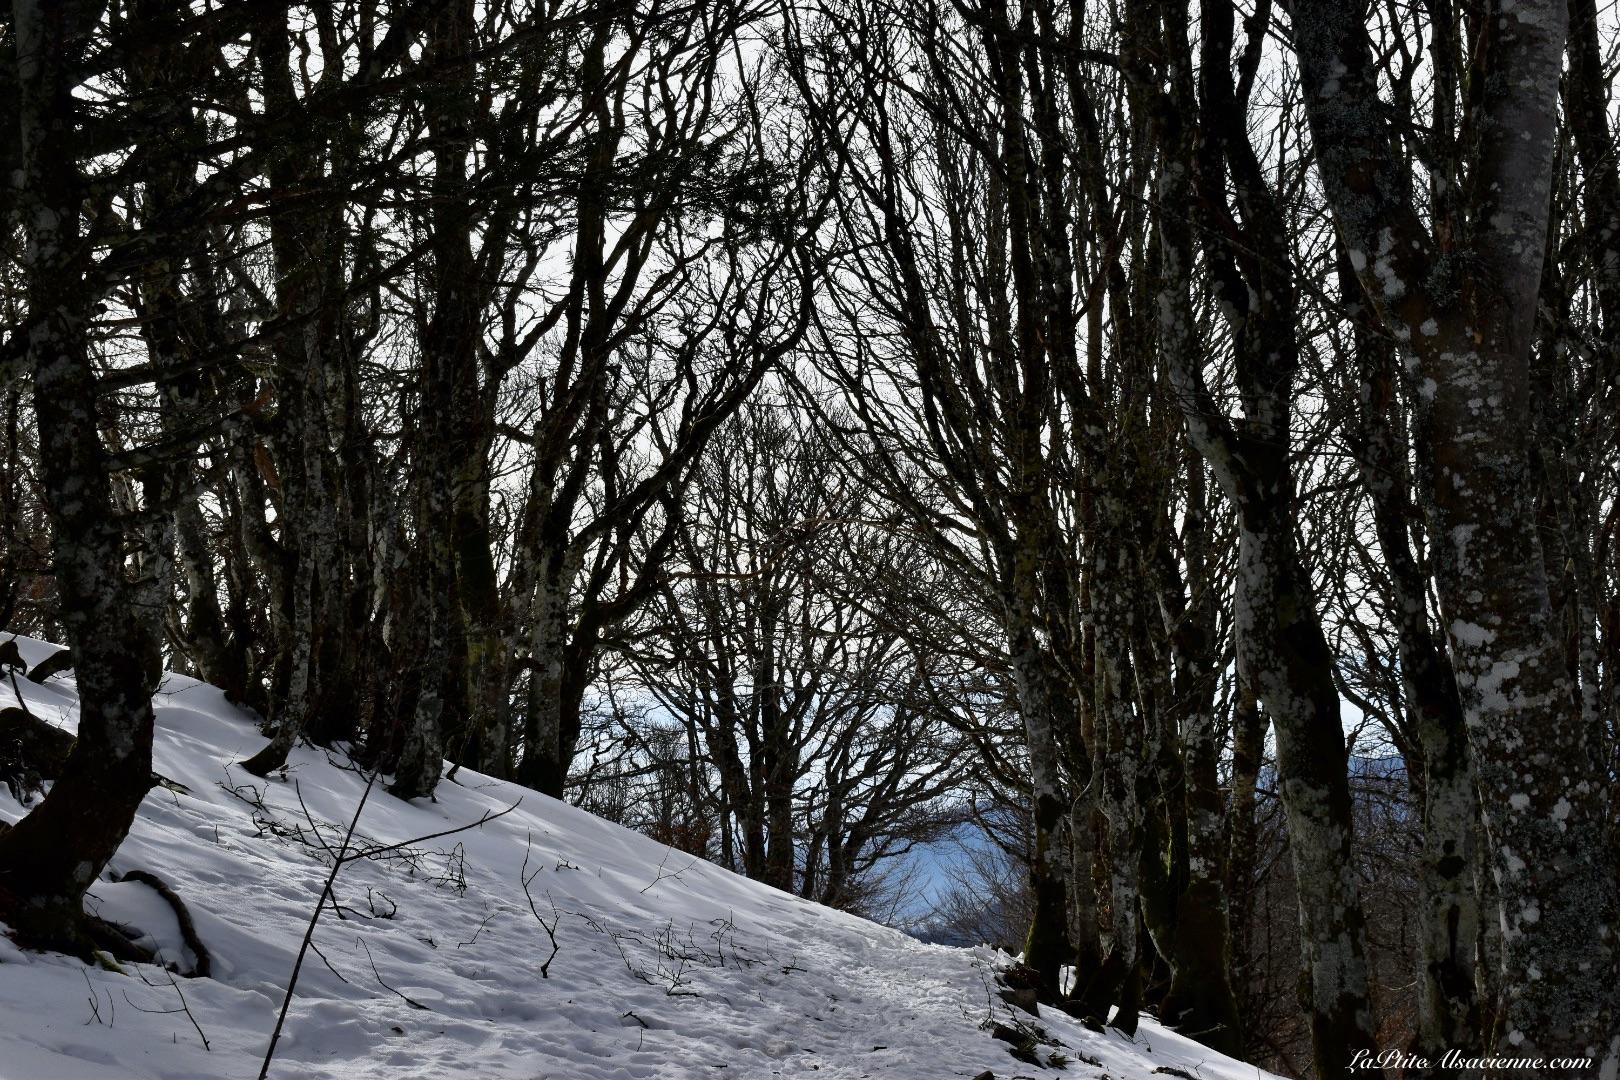 sentiers du Markstein - GR5 pour se rendre au Grand Ballon - Neige et ciel bleu - Photo du 16/02/2021 par Cendrine Miesch dite LaPtiteAlsacienne